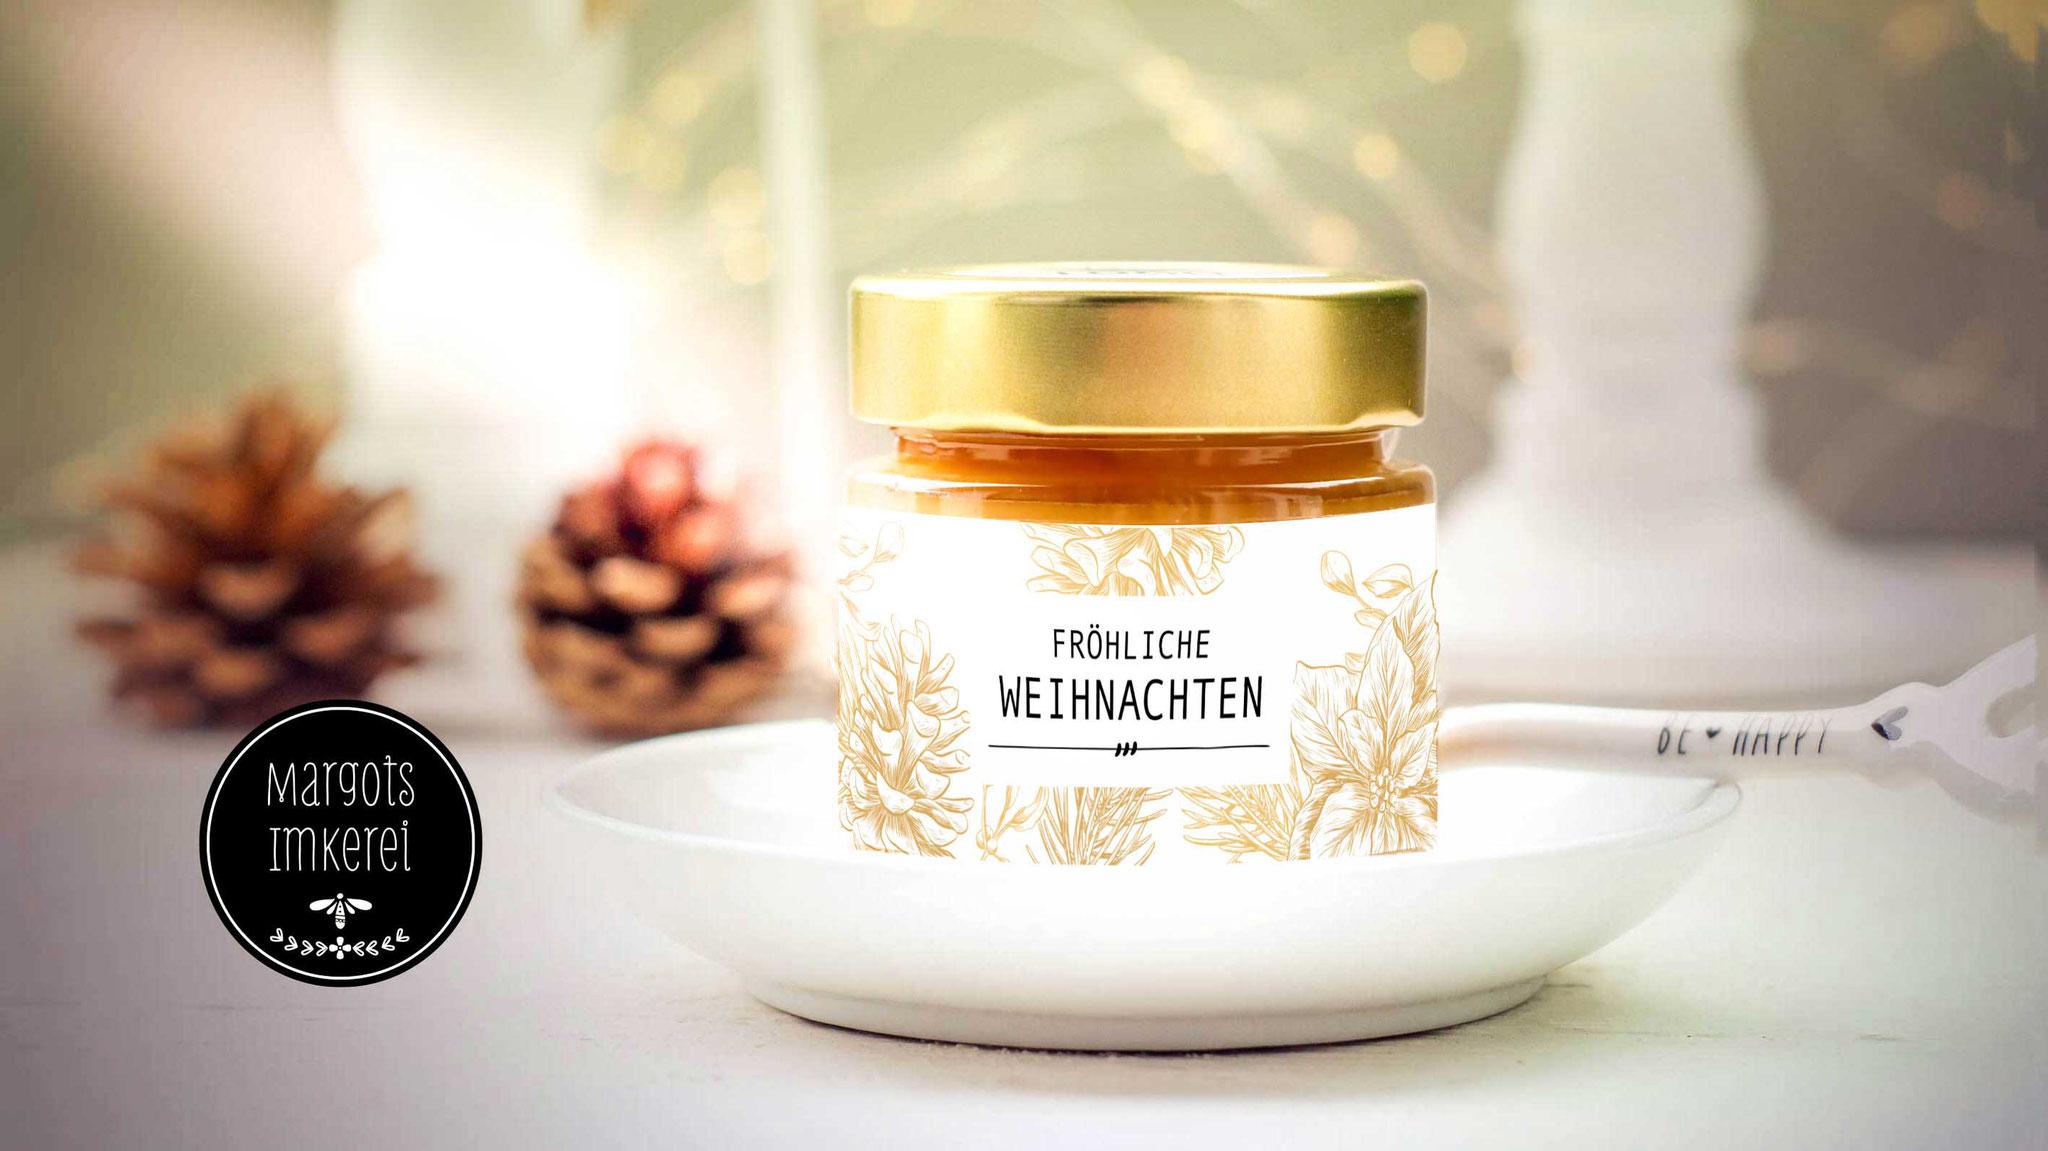 Honig als Weihnachtsgeschenk für Kunden, Gäste und Mitarbeiter